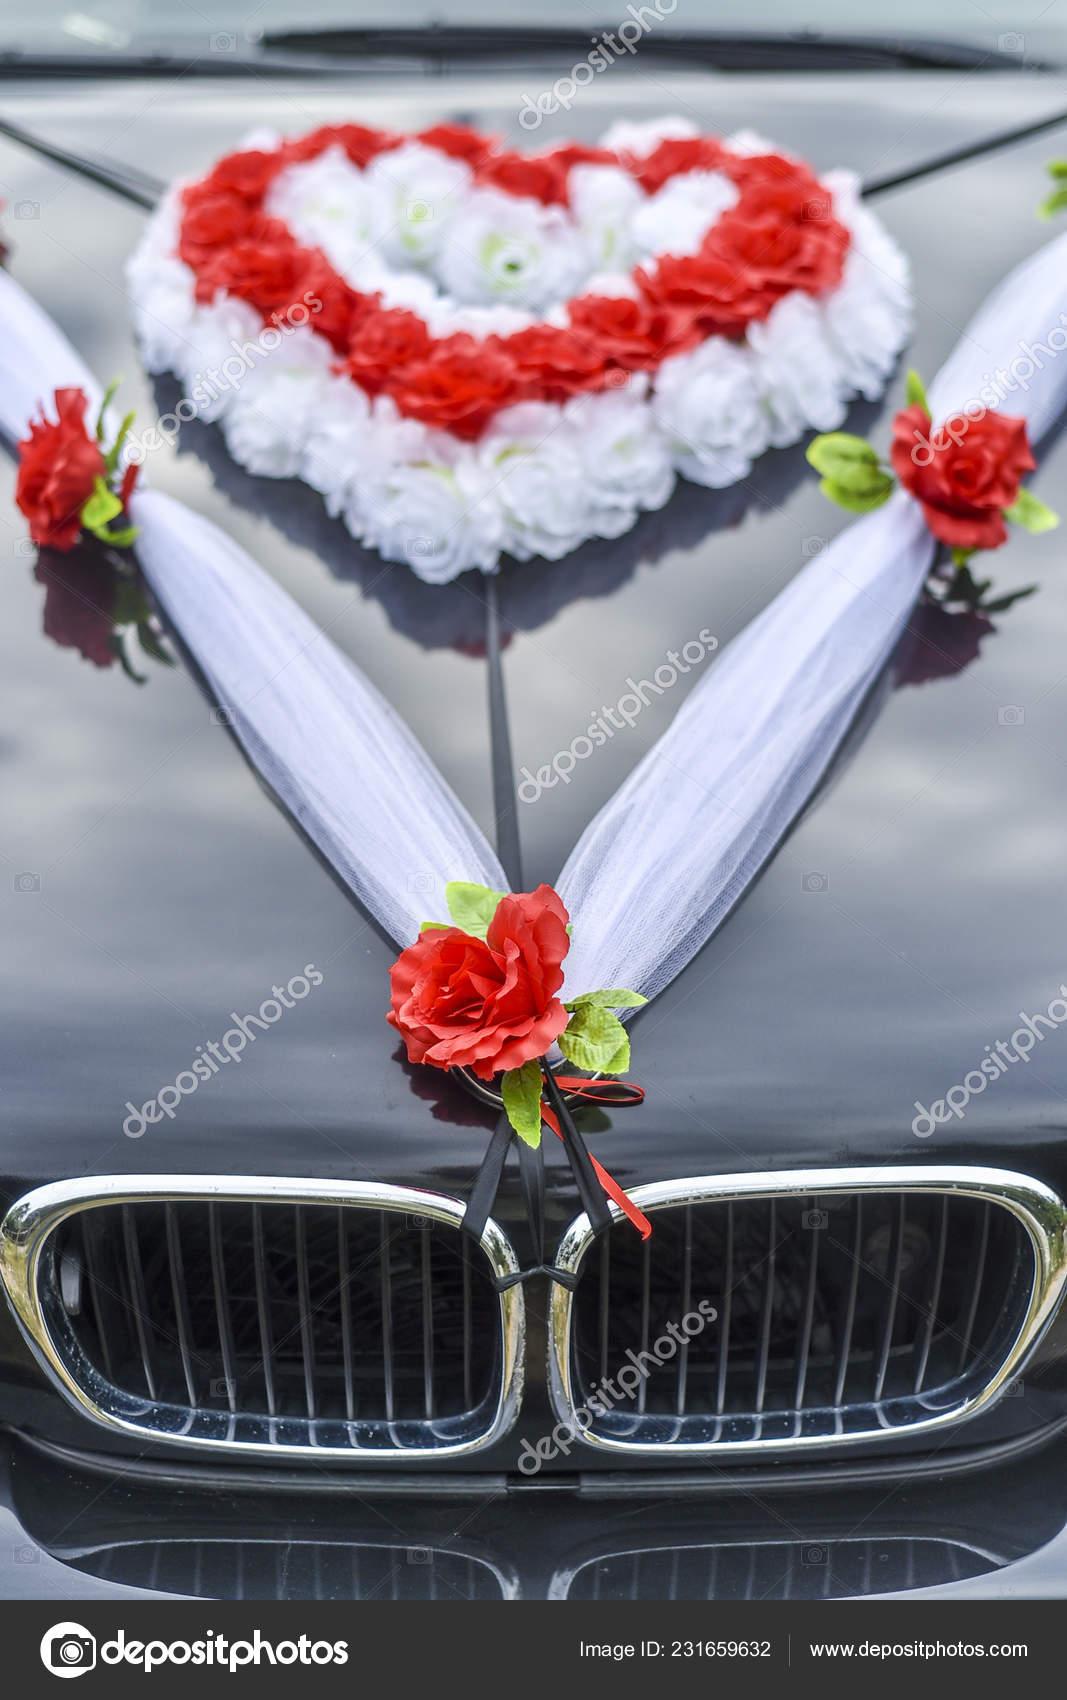 Wedding Theme Style Wedding Decor Decoration Red White Roses